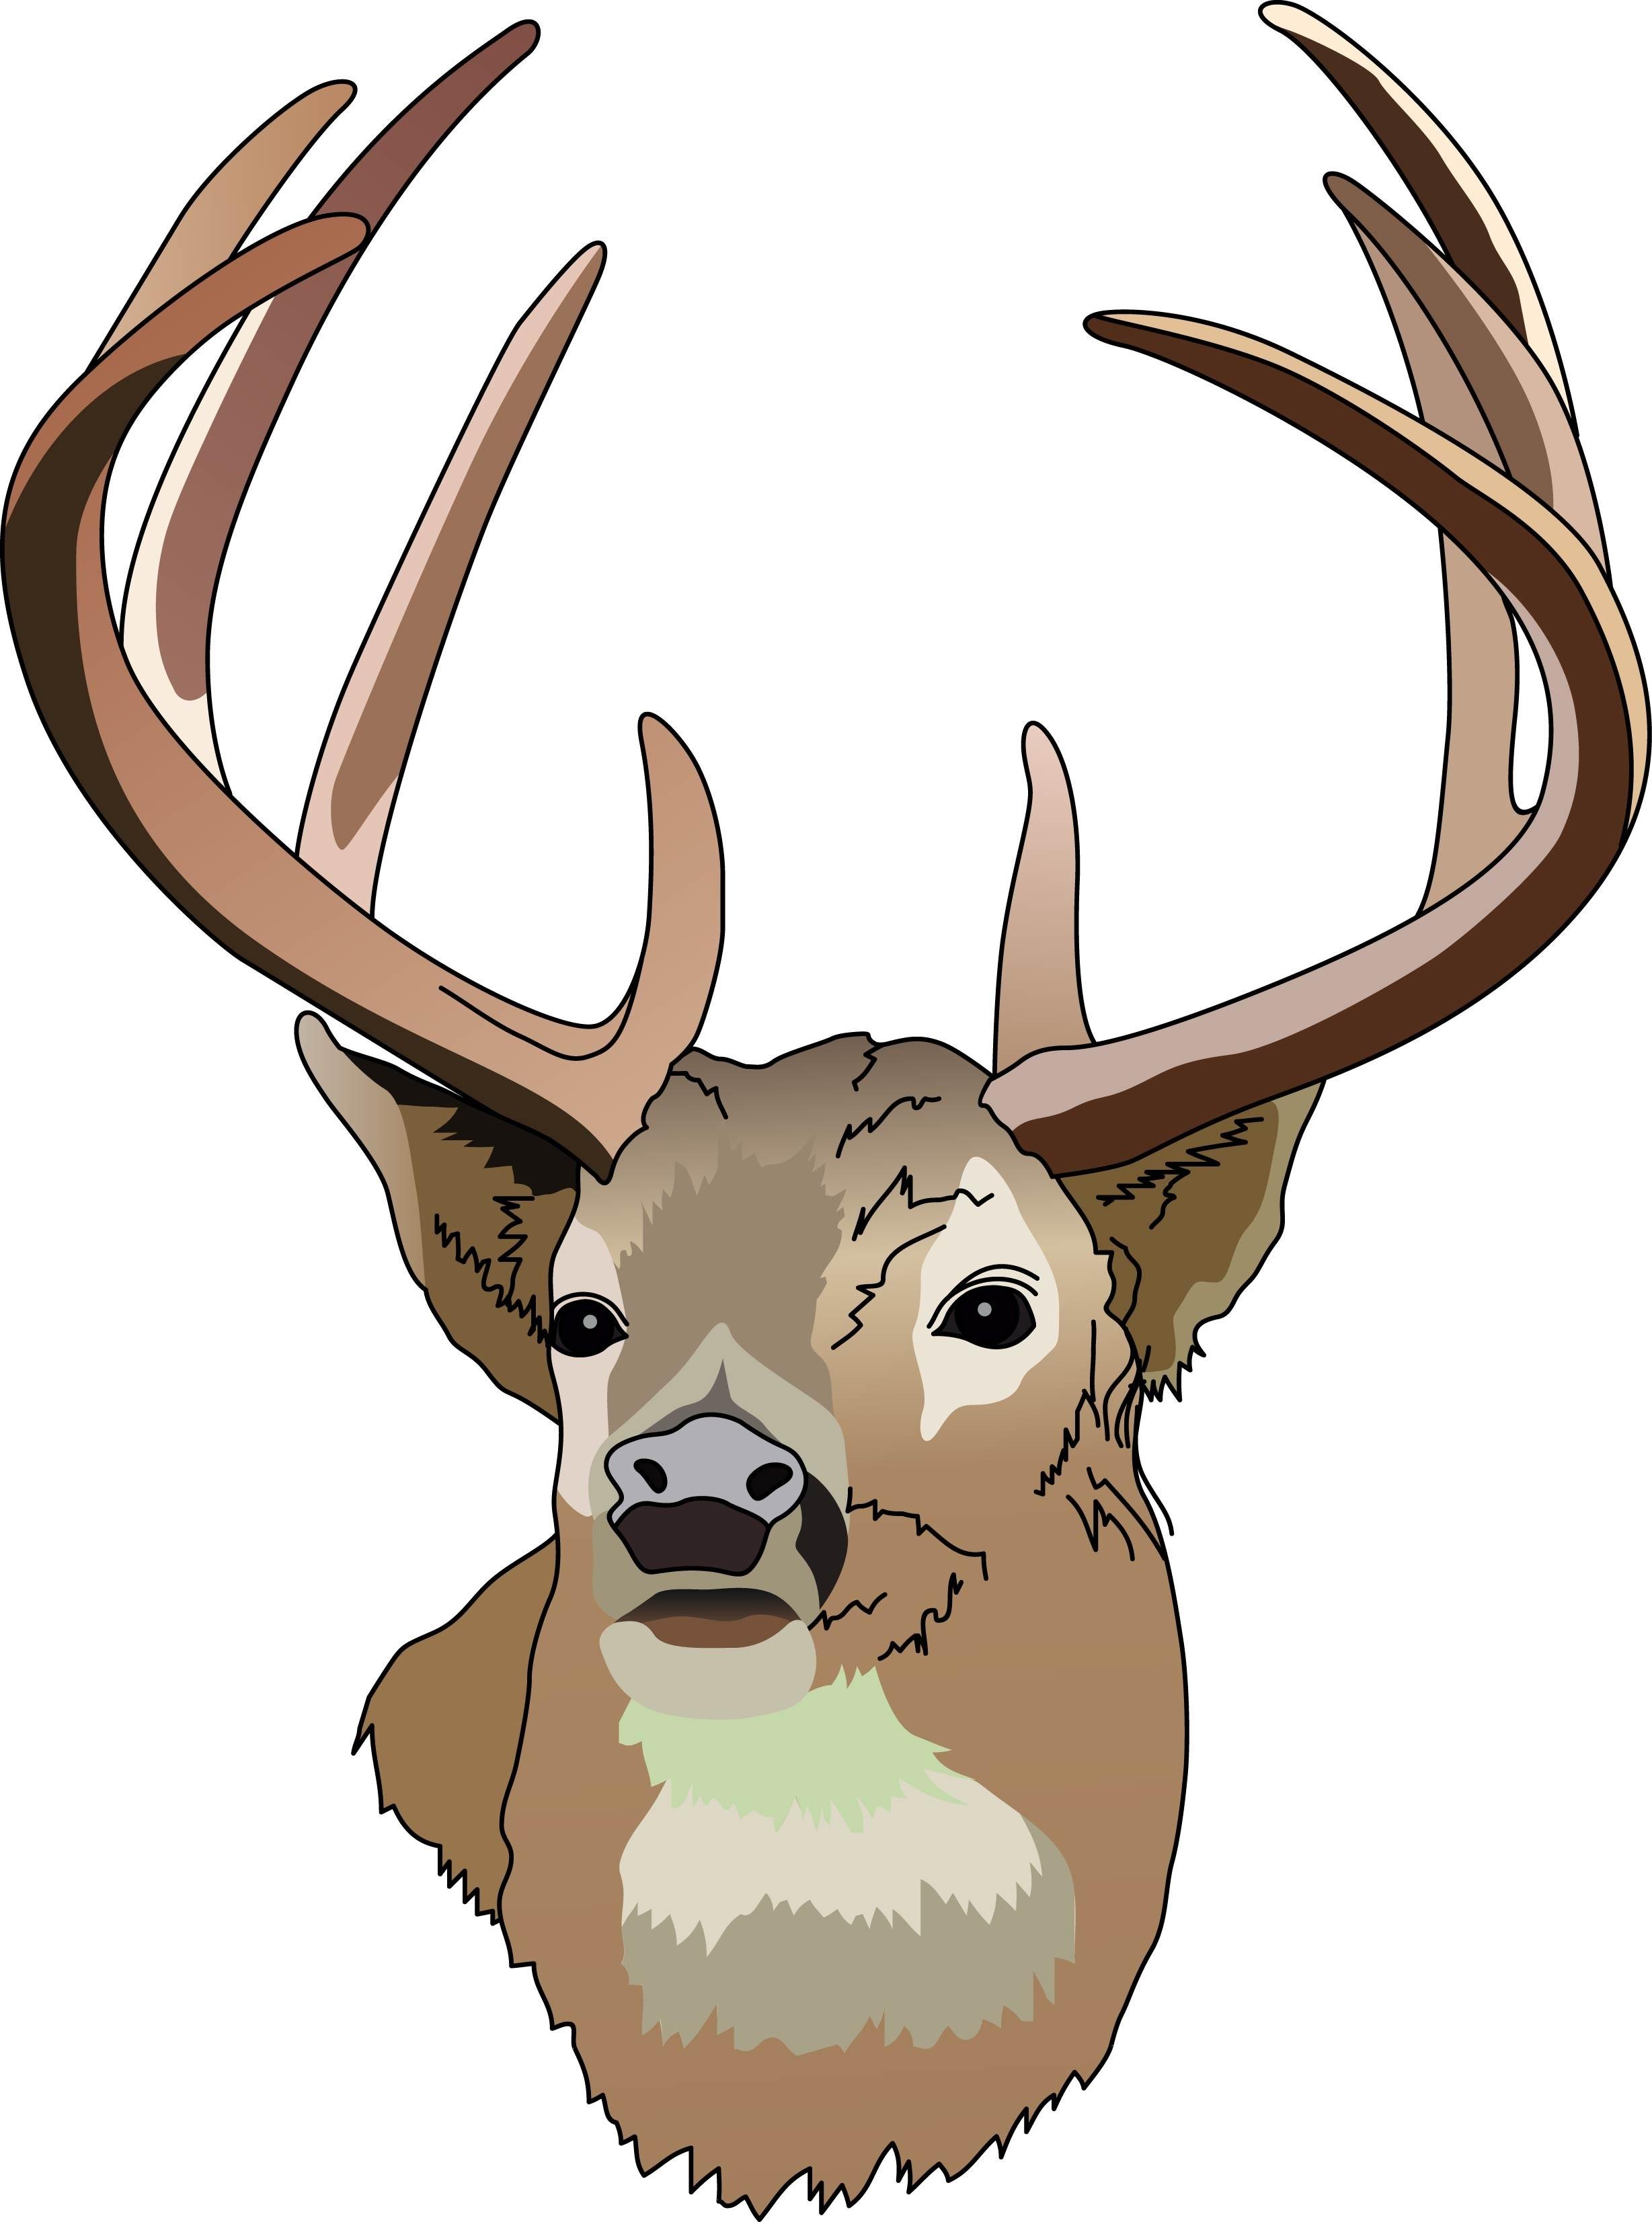 Reindeer footprints clipart jpg library download Deer Footprints Cliparts | Free download best Deer ... jpg library download